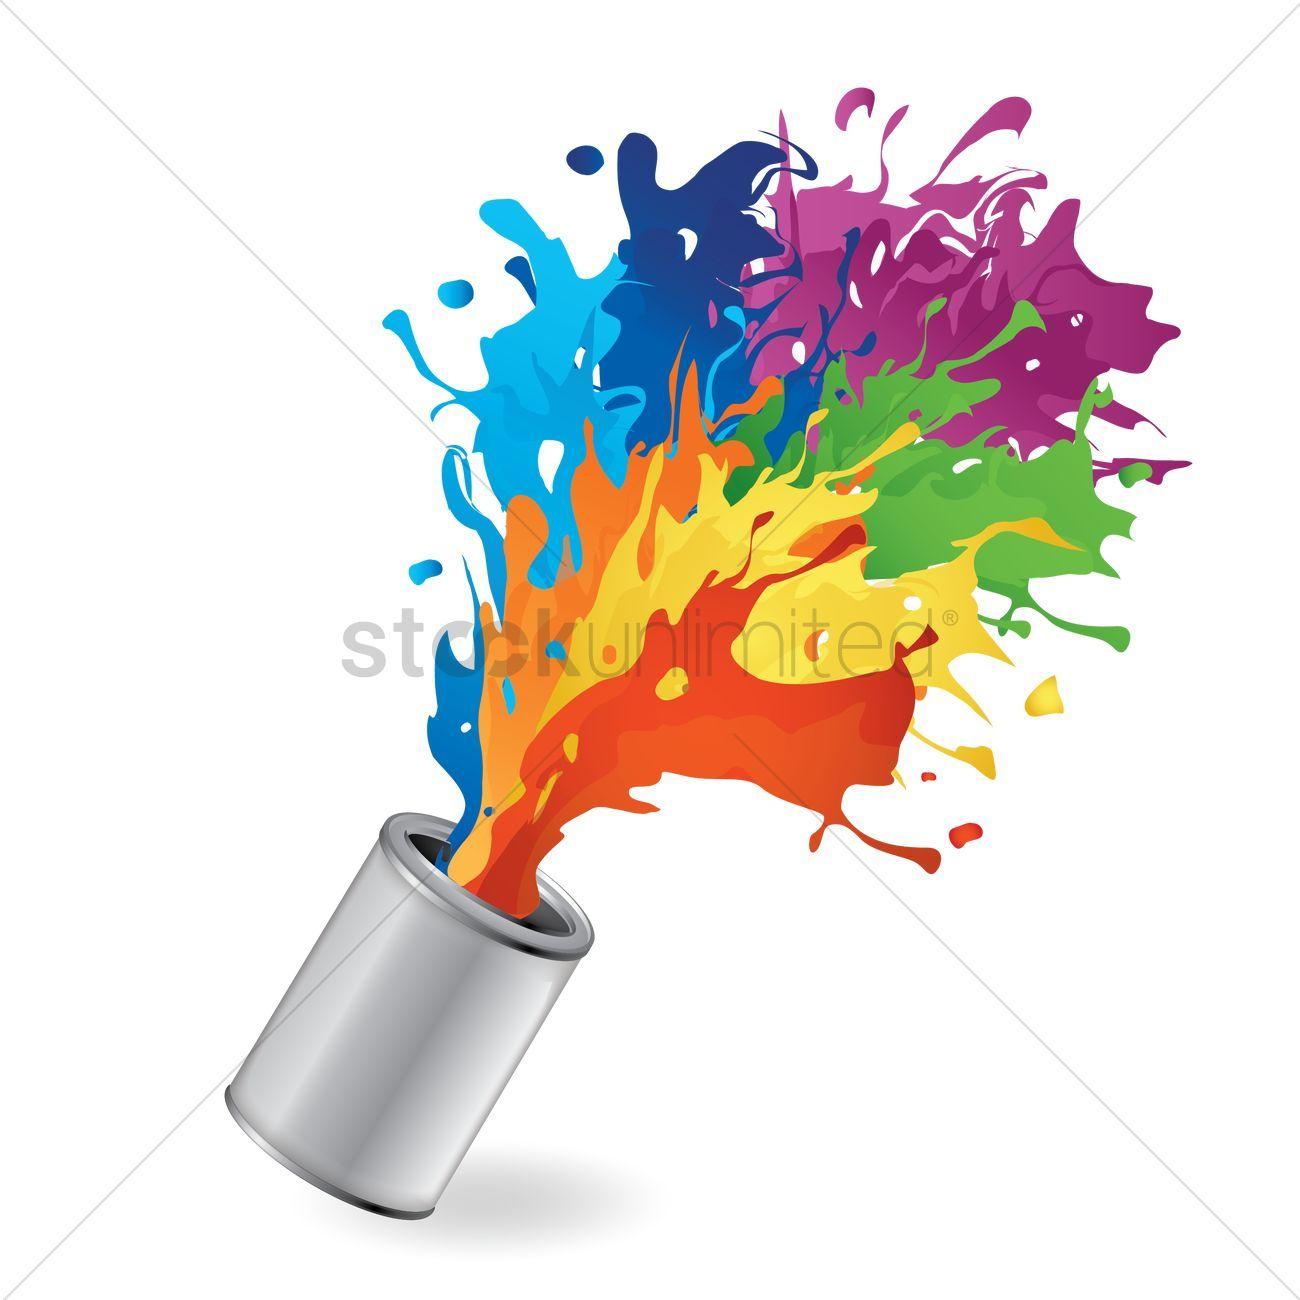 Bucket With Paint Splash Vector Illustration Affiliate Paint Bucket Splash Illustration Vector Affiliate Paint Splash Purple Art Painting